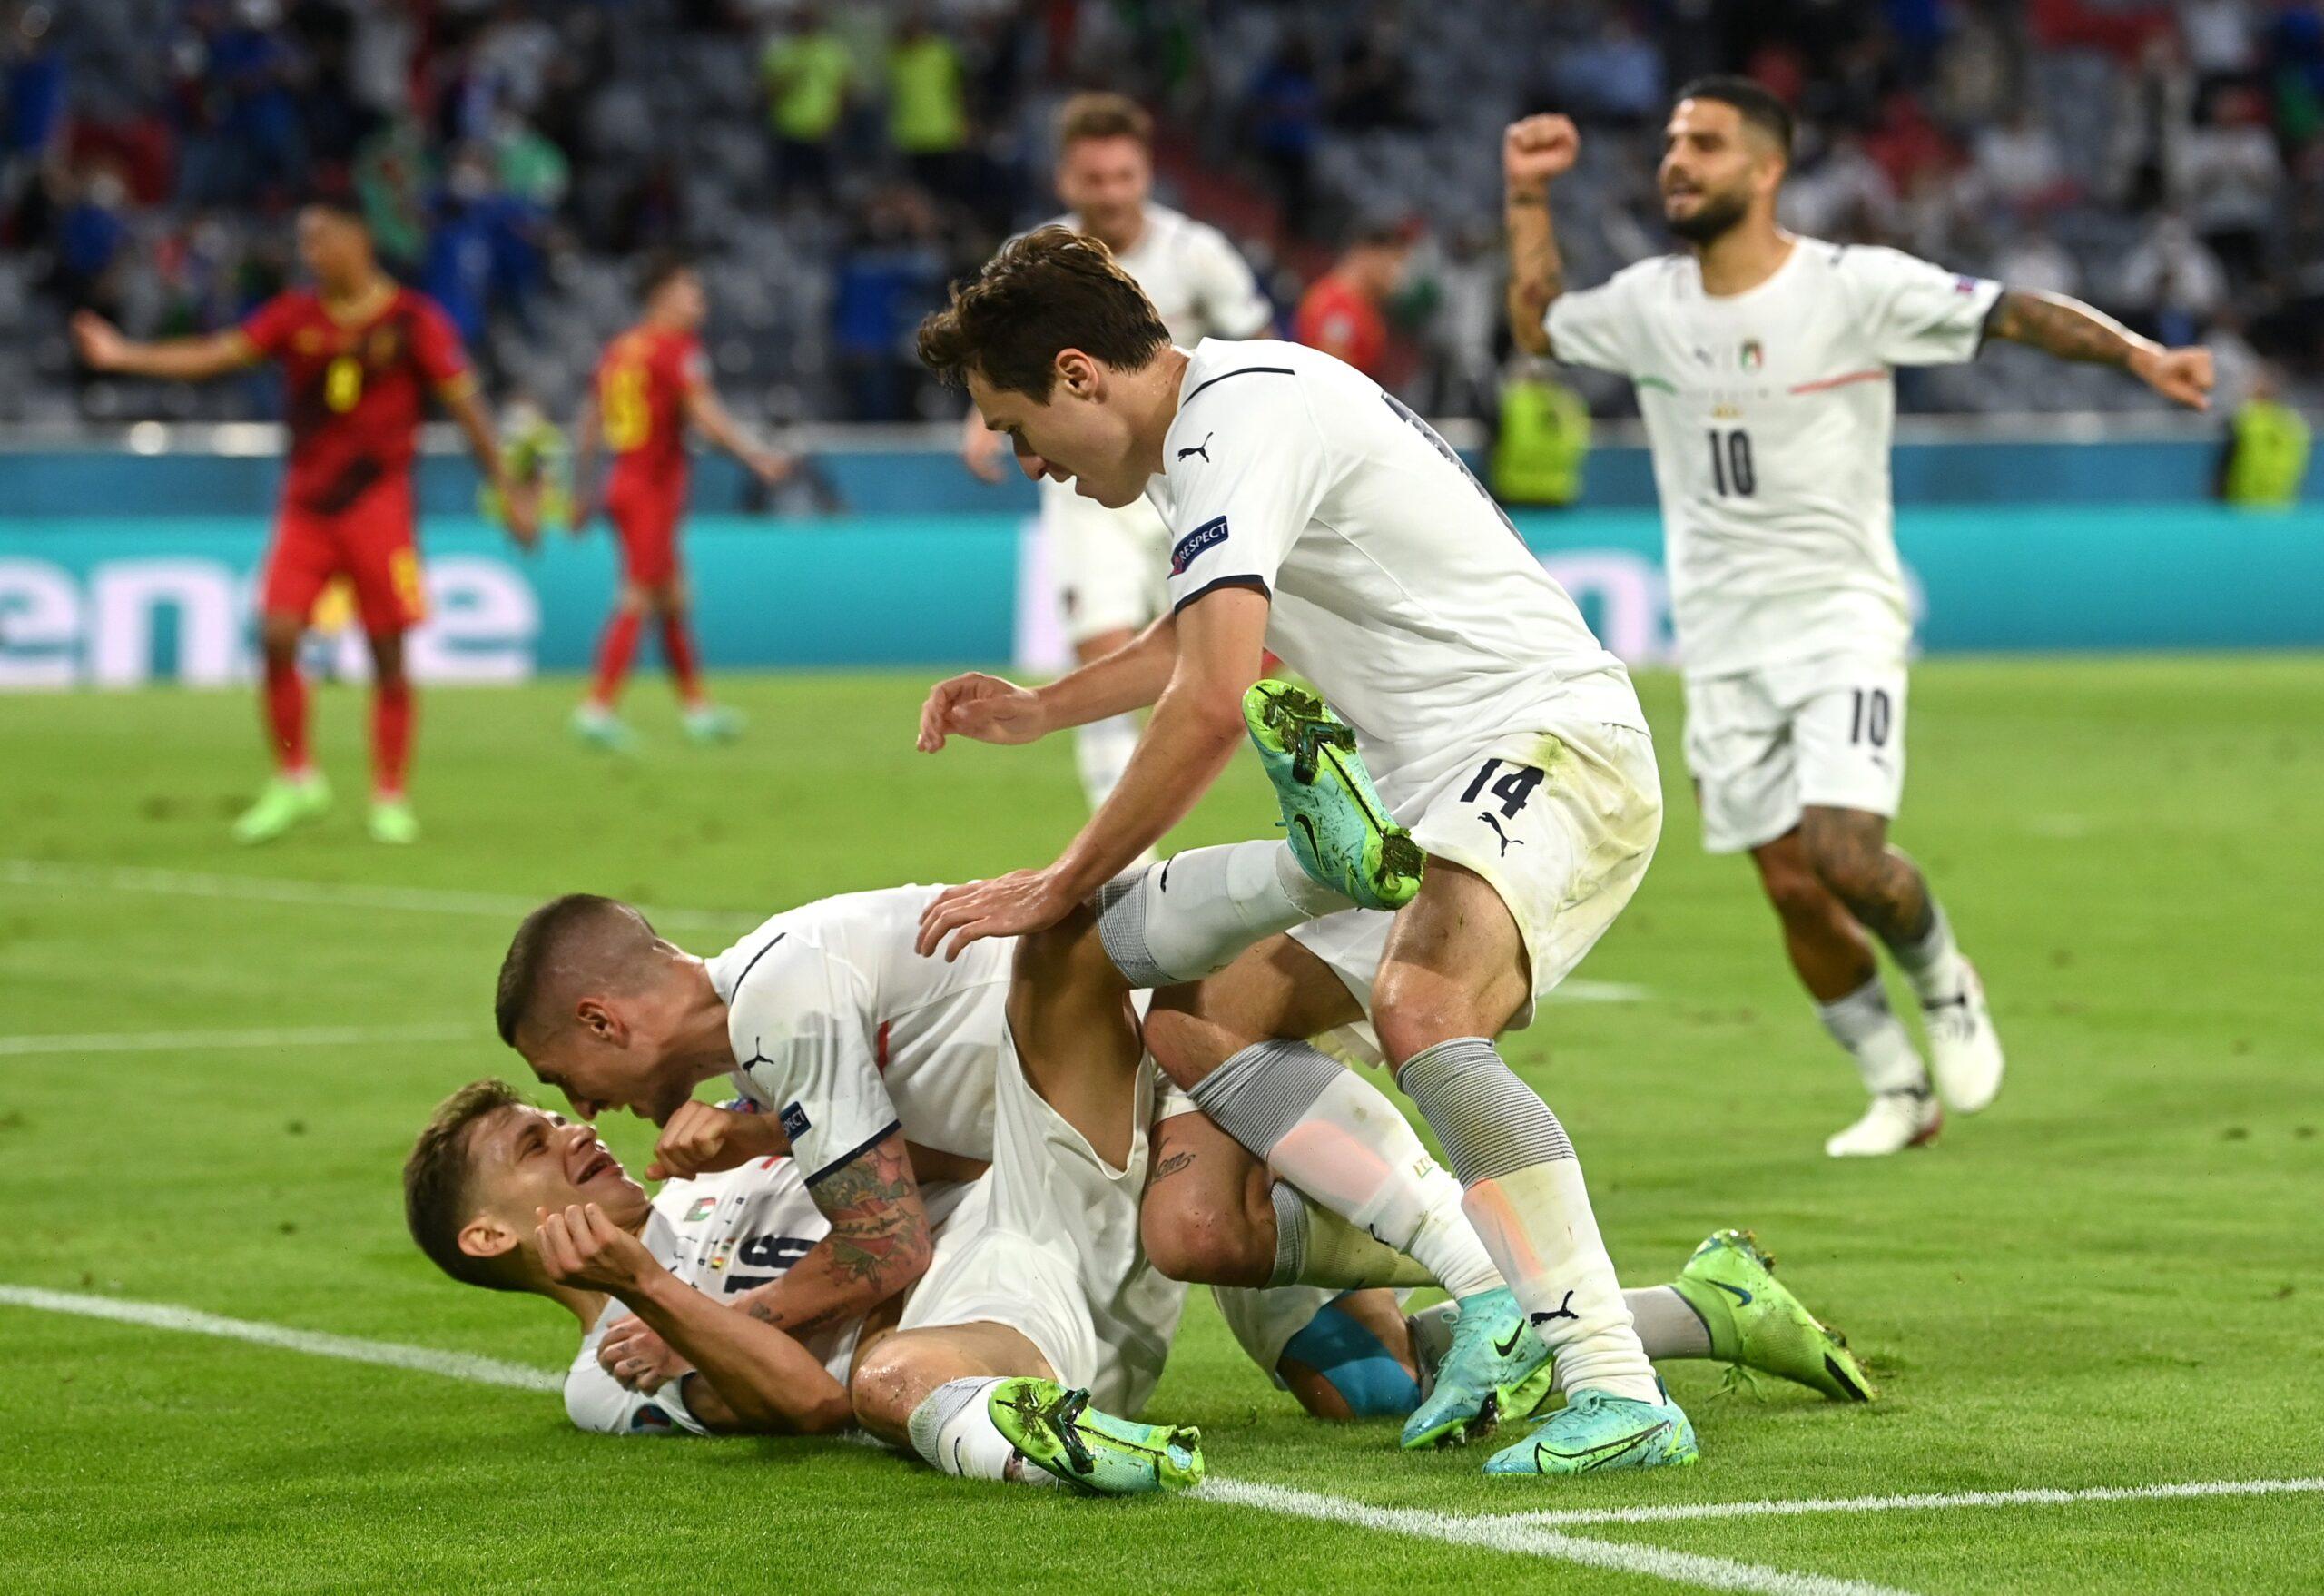 Espanha e Itália estão as semifinais da Eurocopa